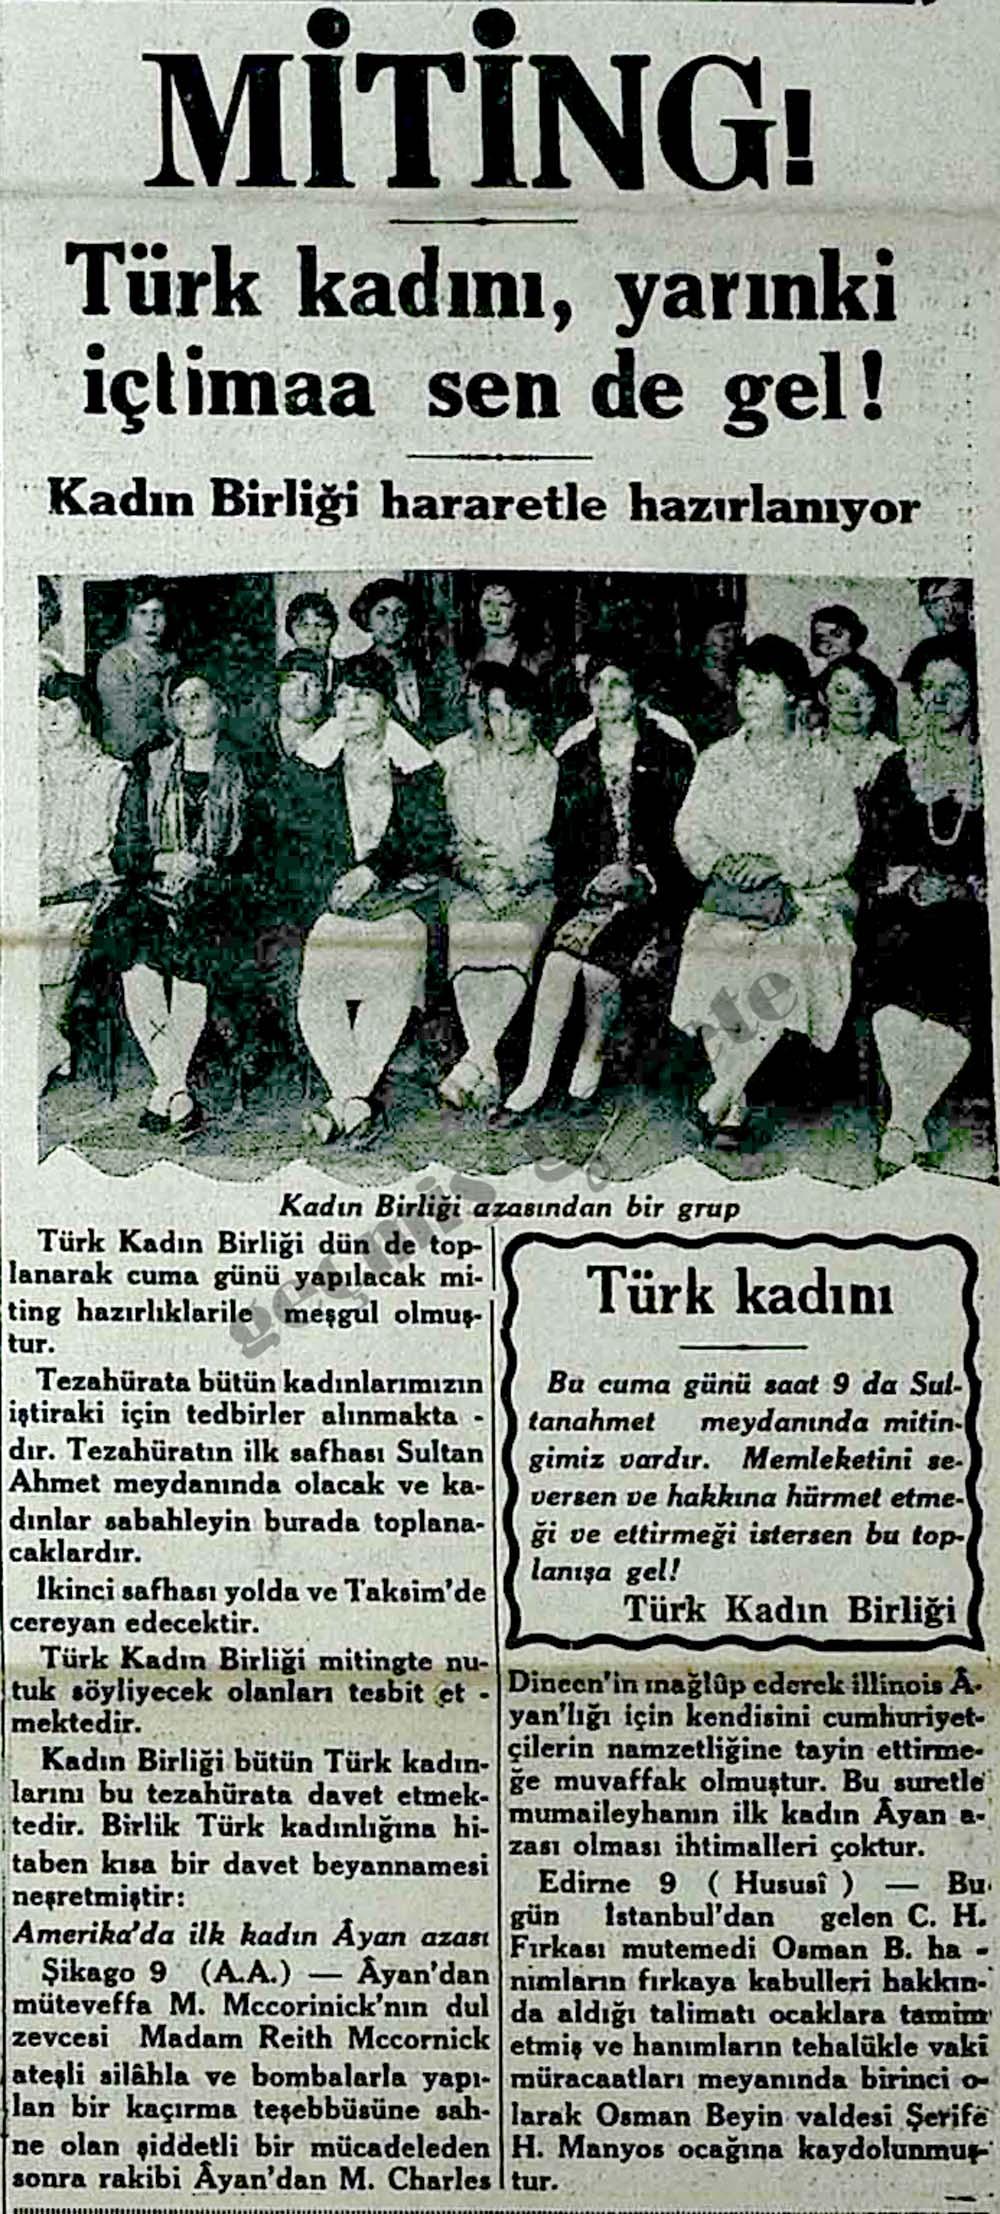 Türk kadını, yarınki içtimaa sen de gel!